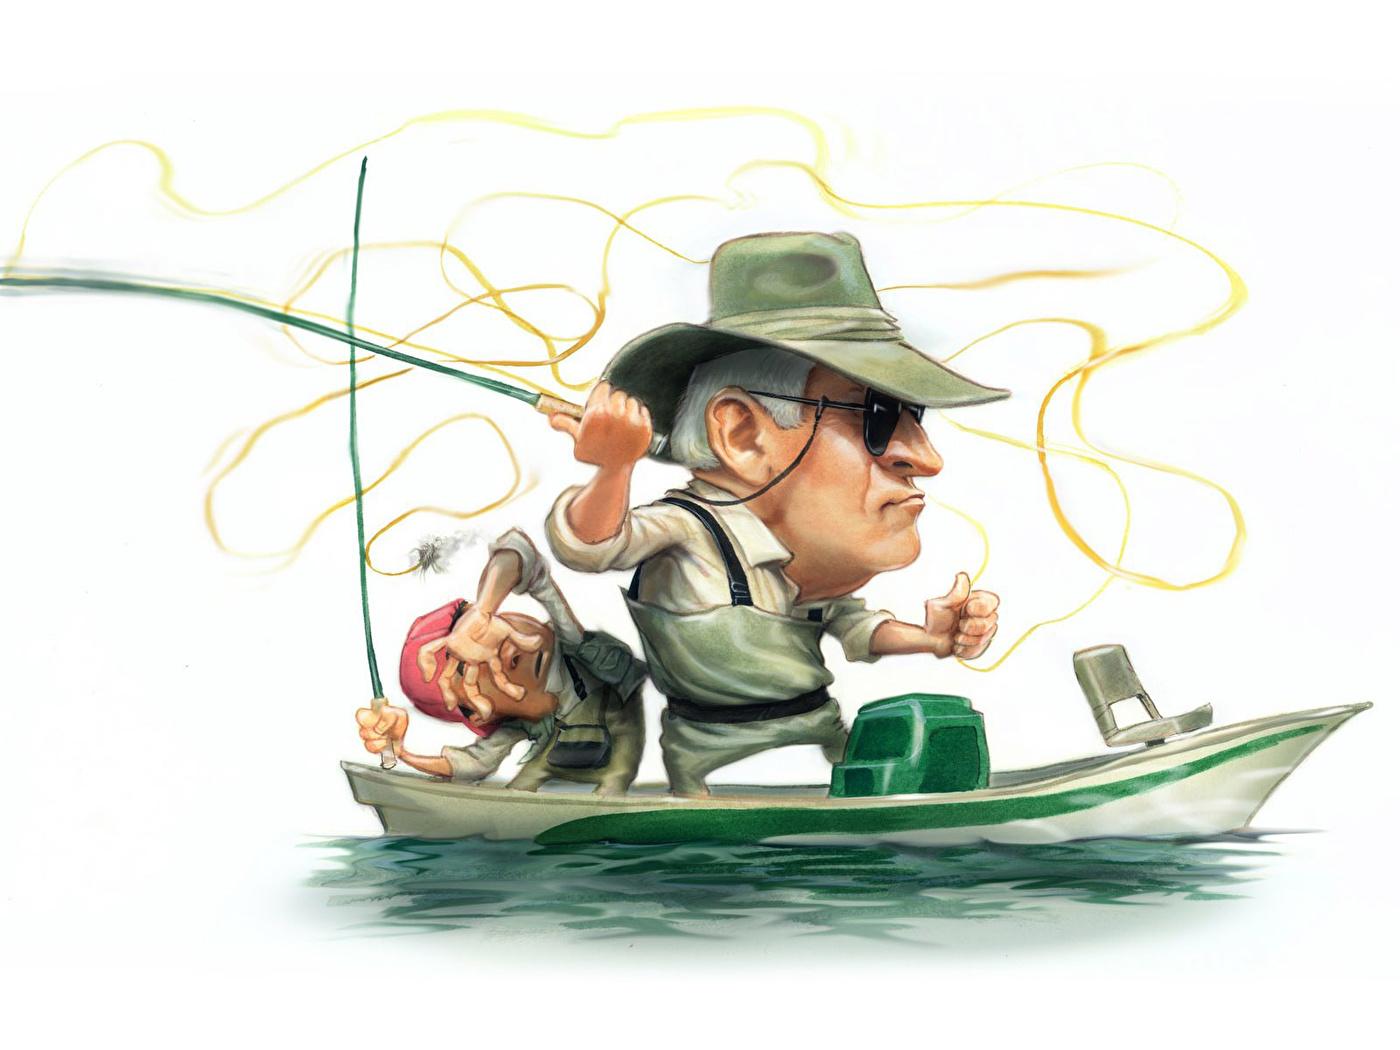 эта способность смешная картинка рыбак на лодке улице отшвырнул